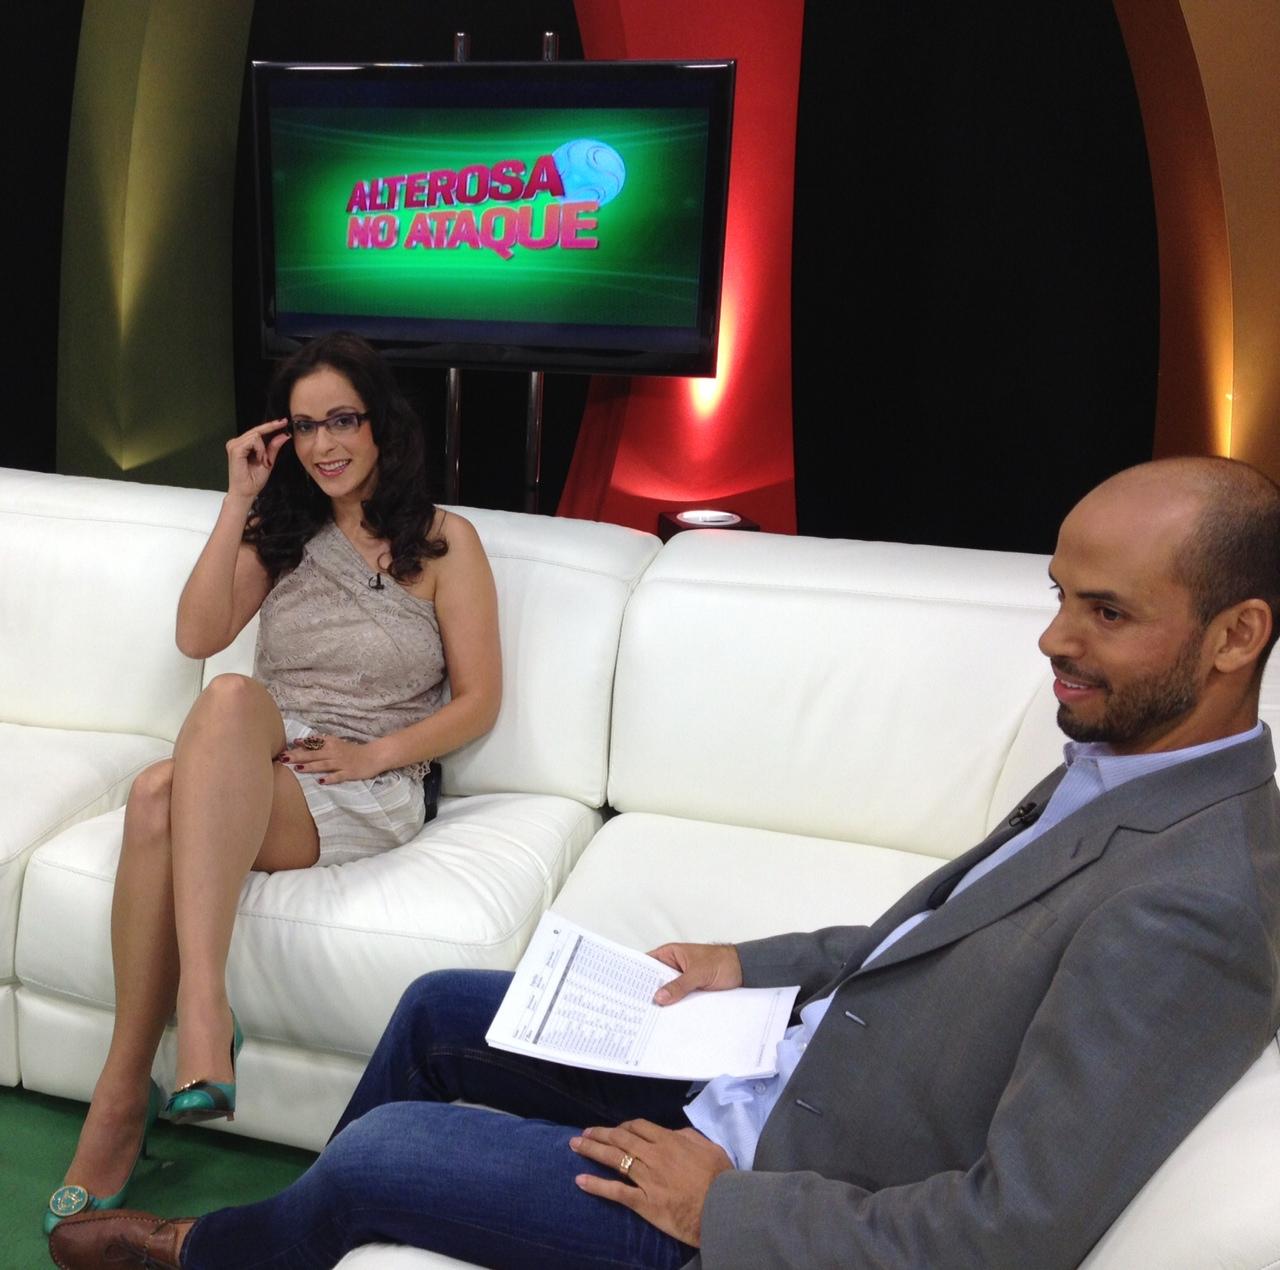 Ana Paula e Marques no estúdio da TV Alterosa